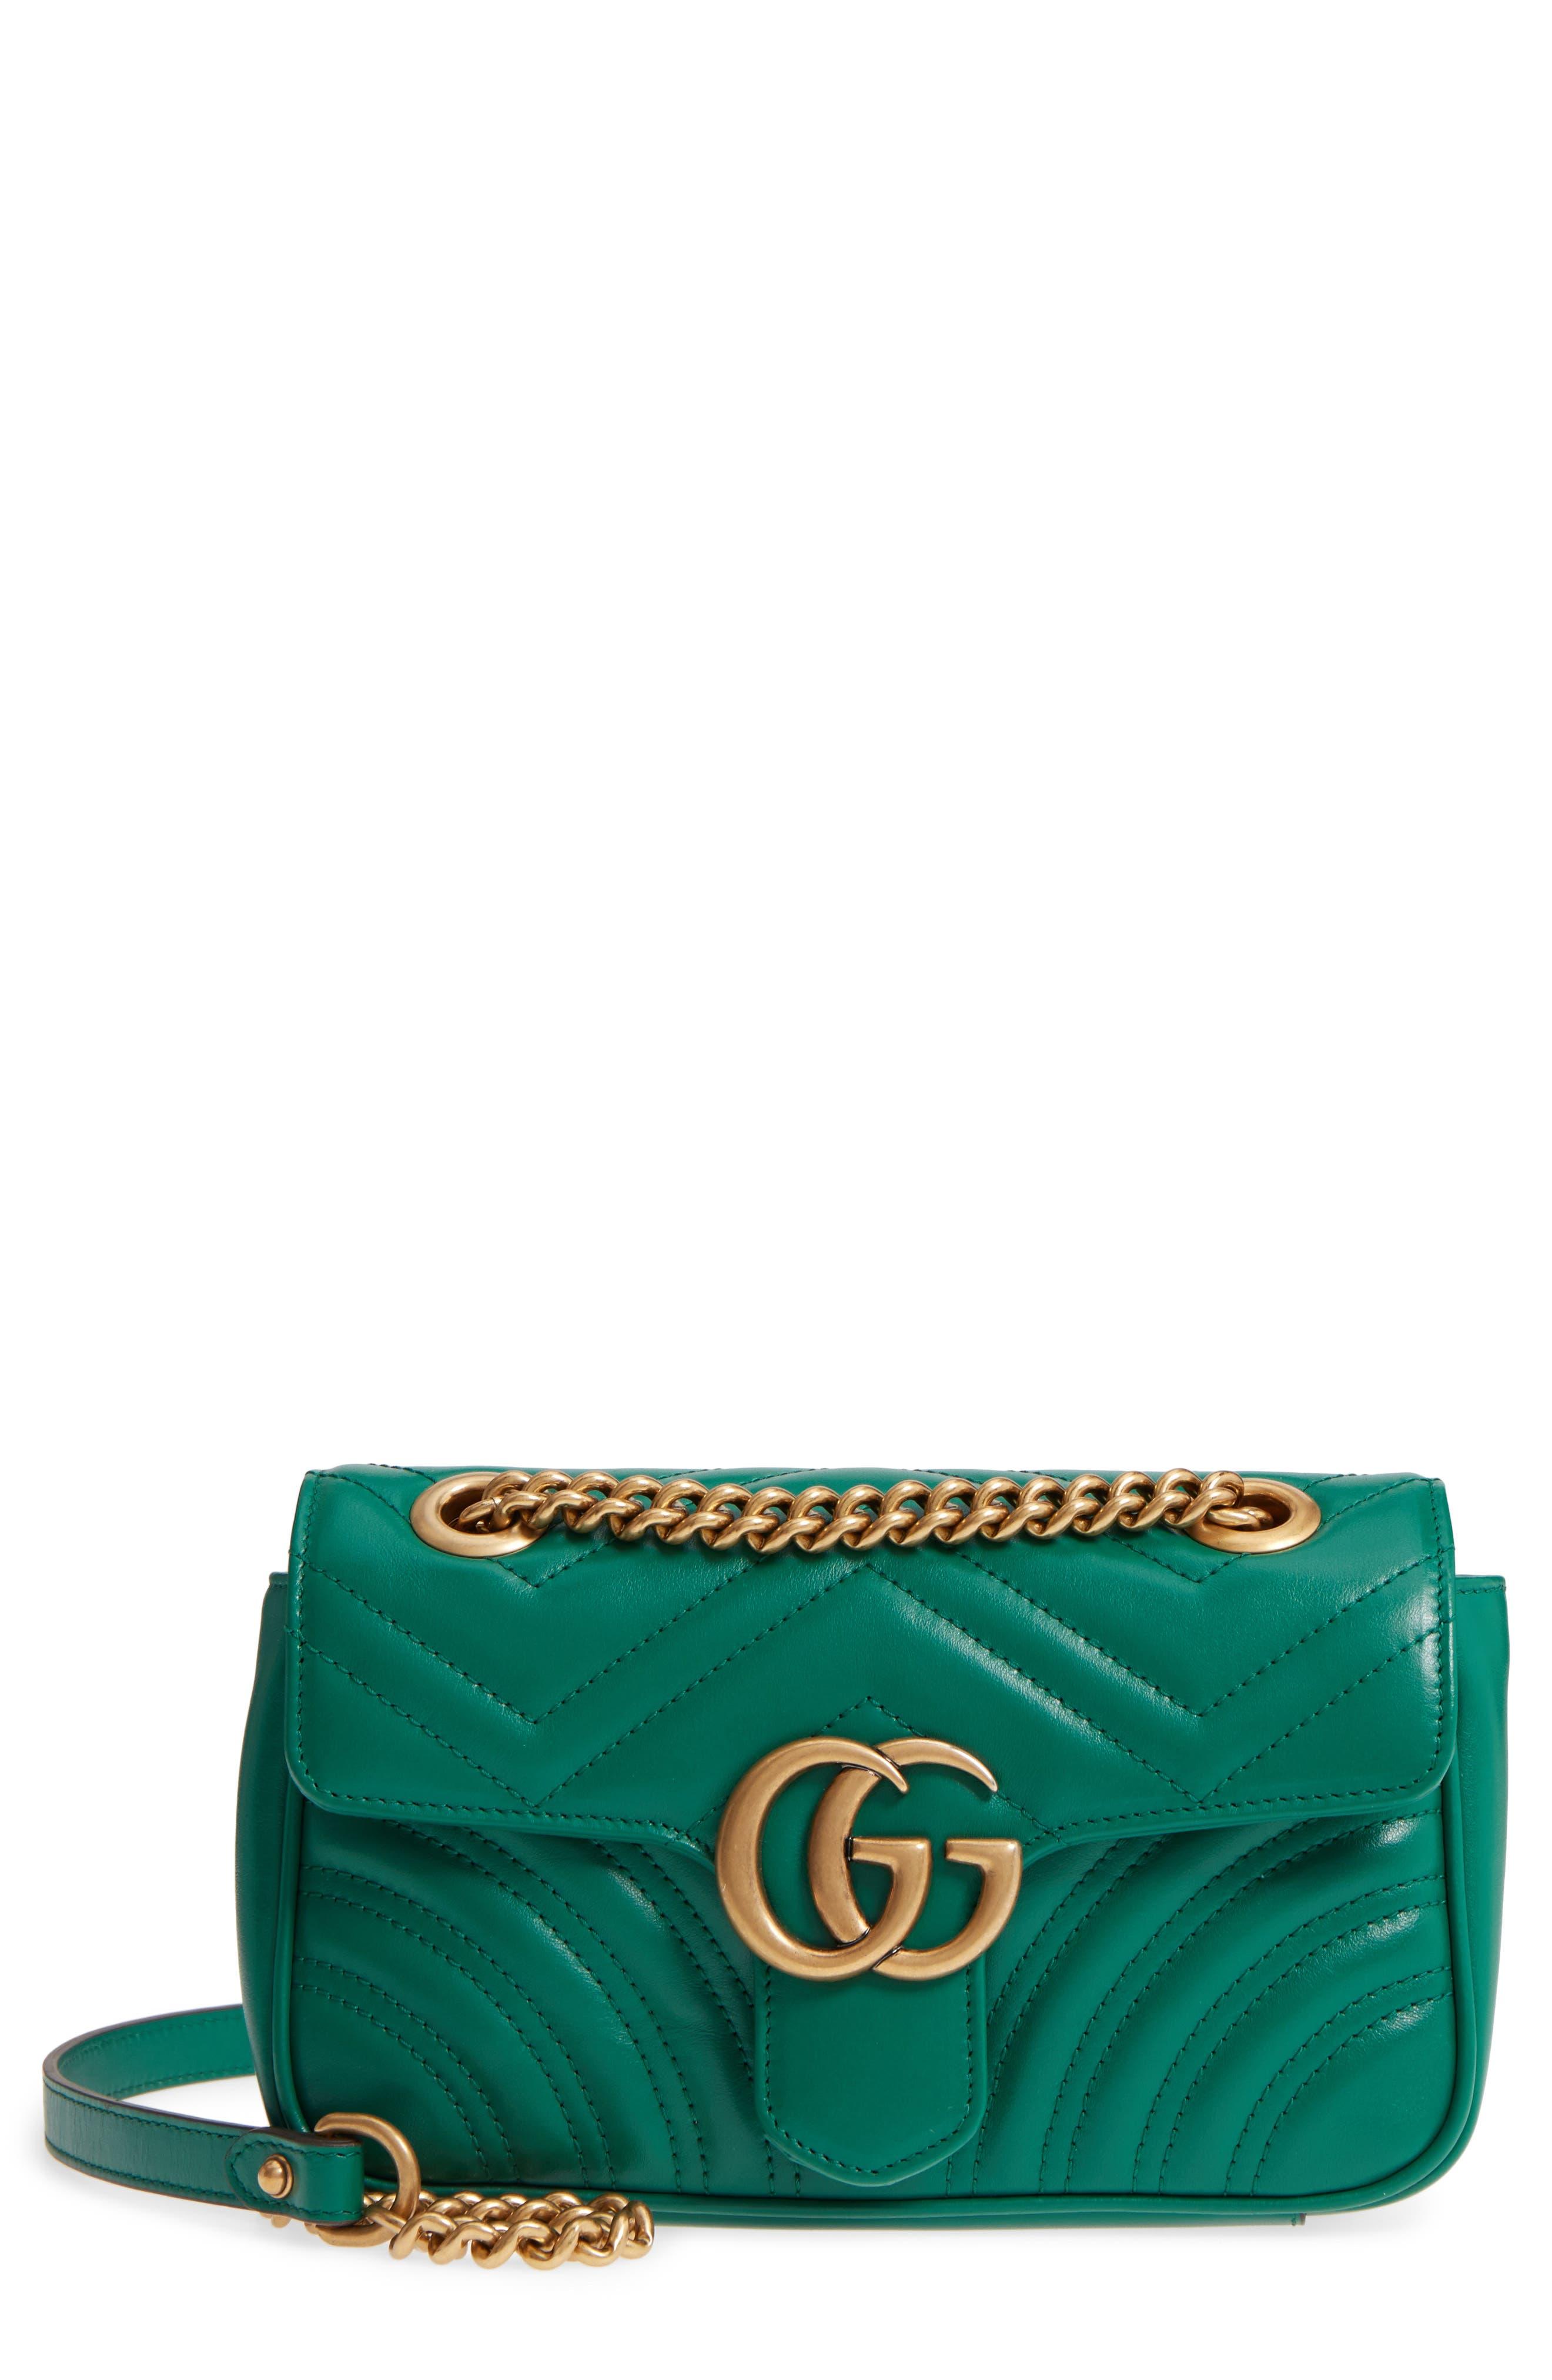 Gucci Mini GG Marmont 2.0 Matelassé Leather Shoulder Bag